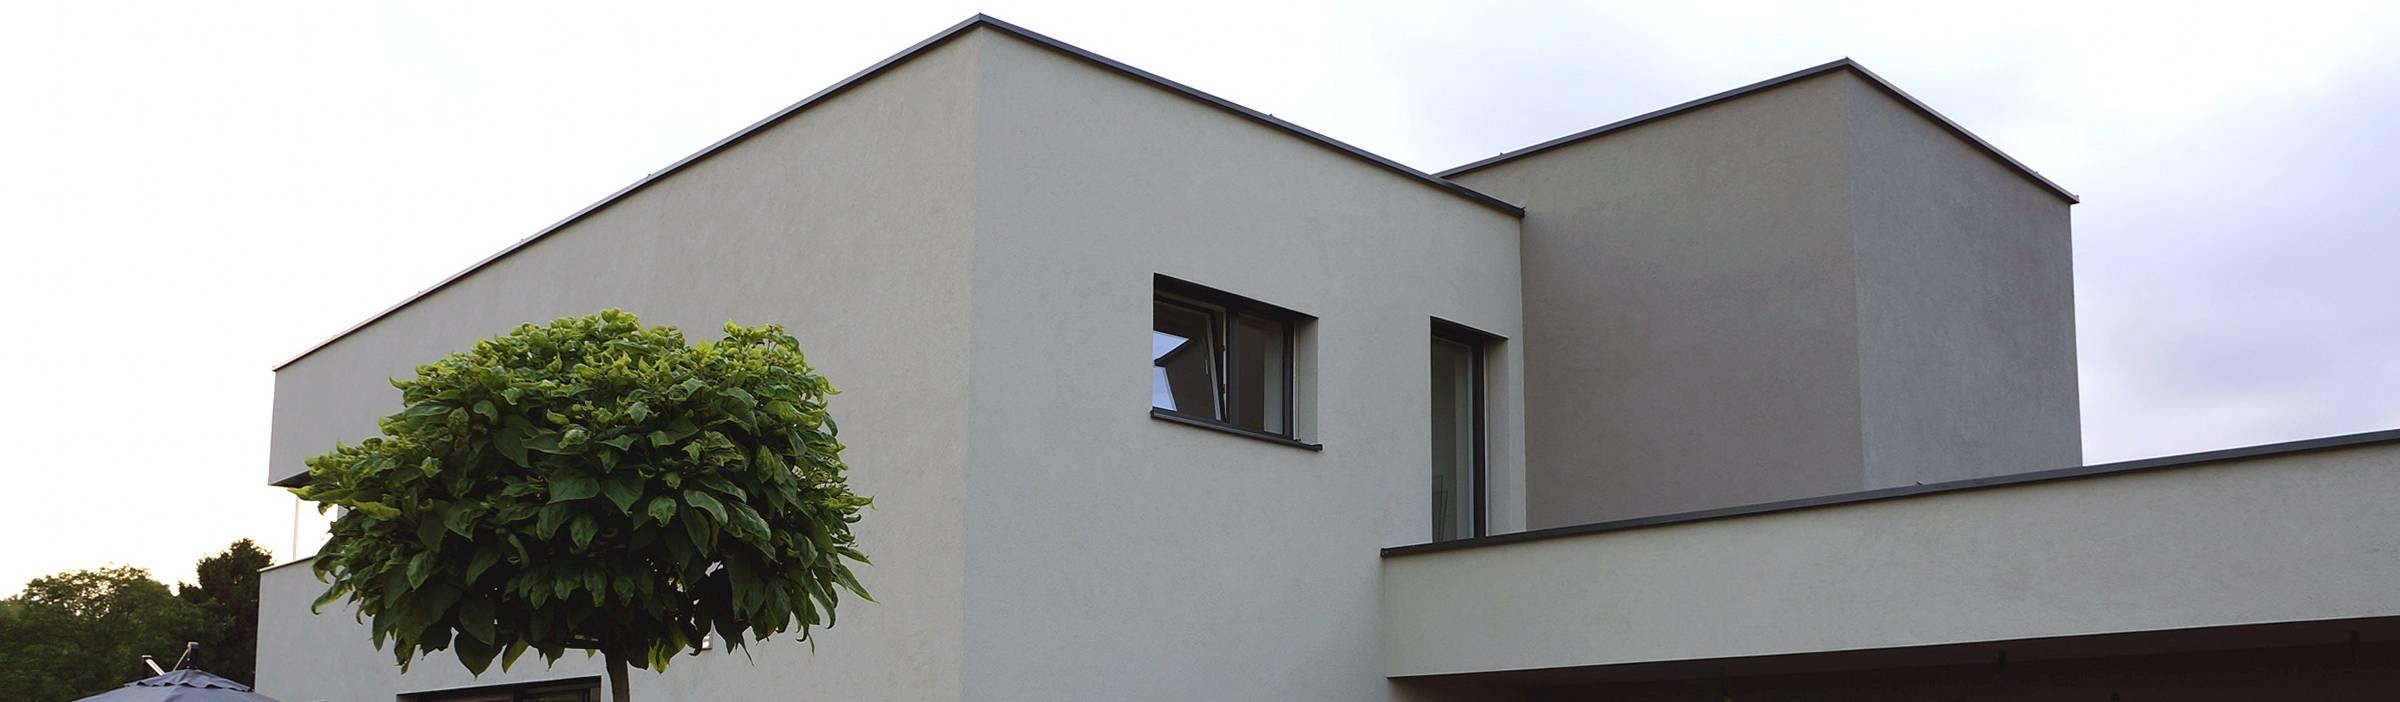 up2 Architekten